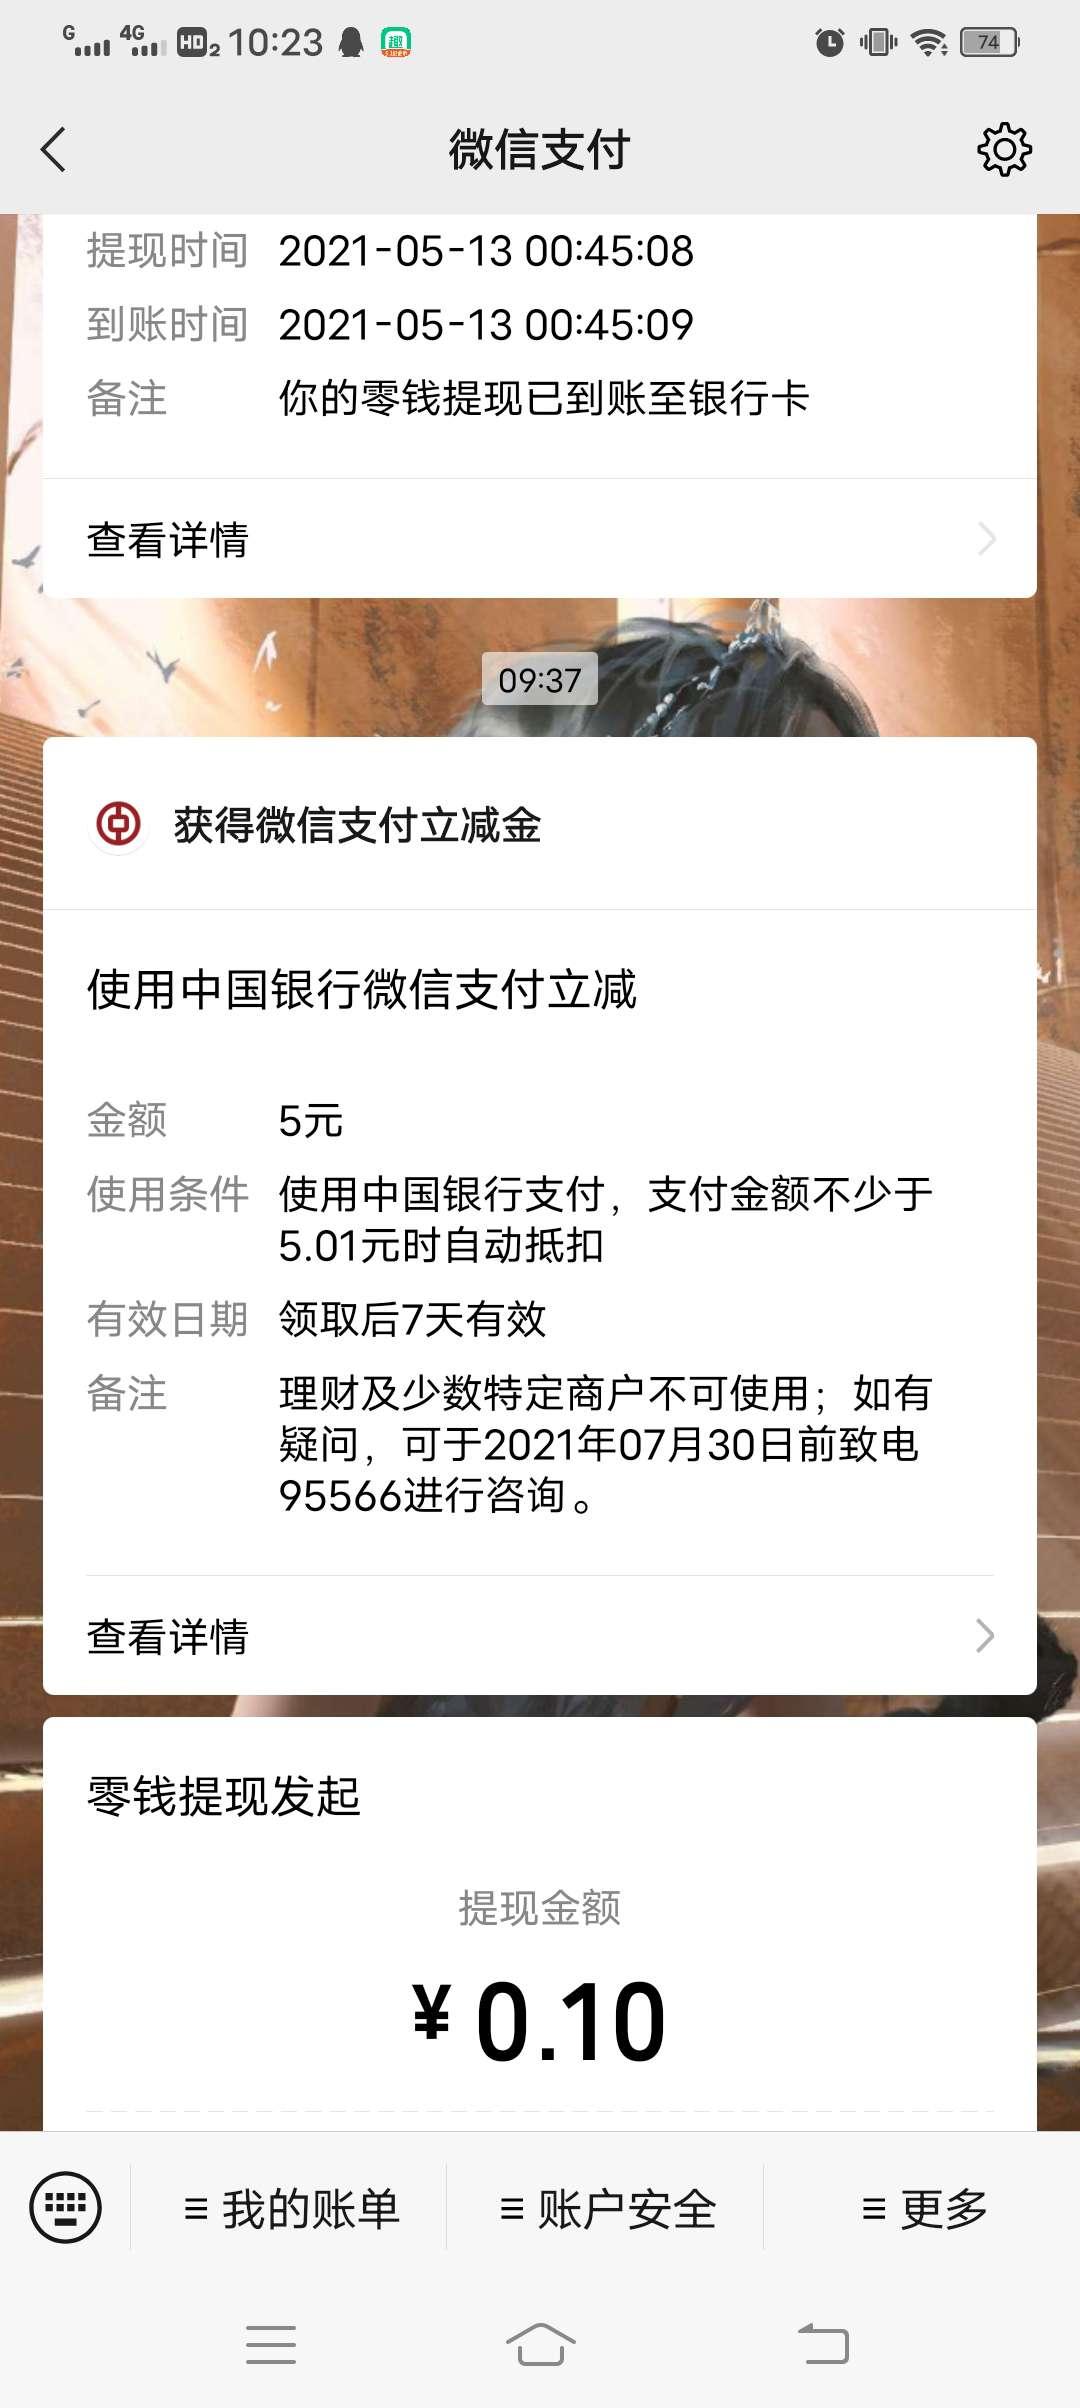 中国yh绑微信立减金5元